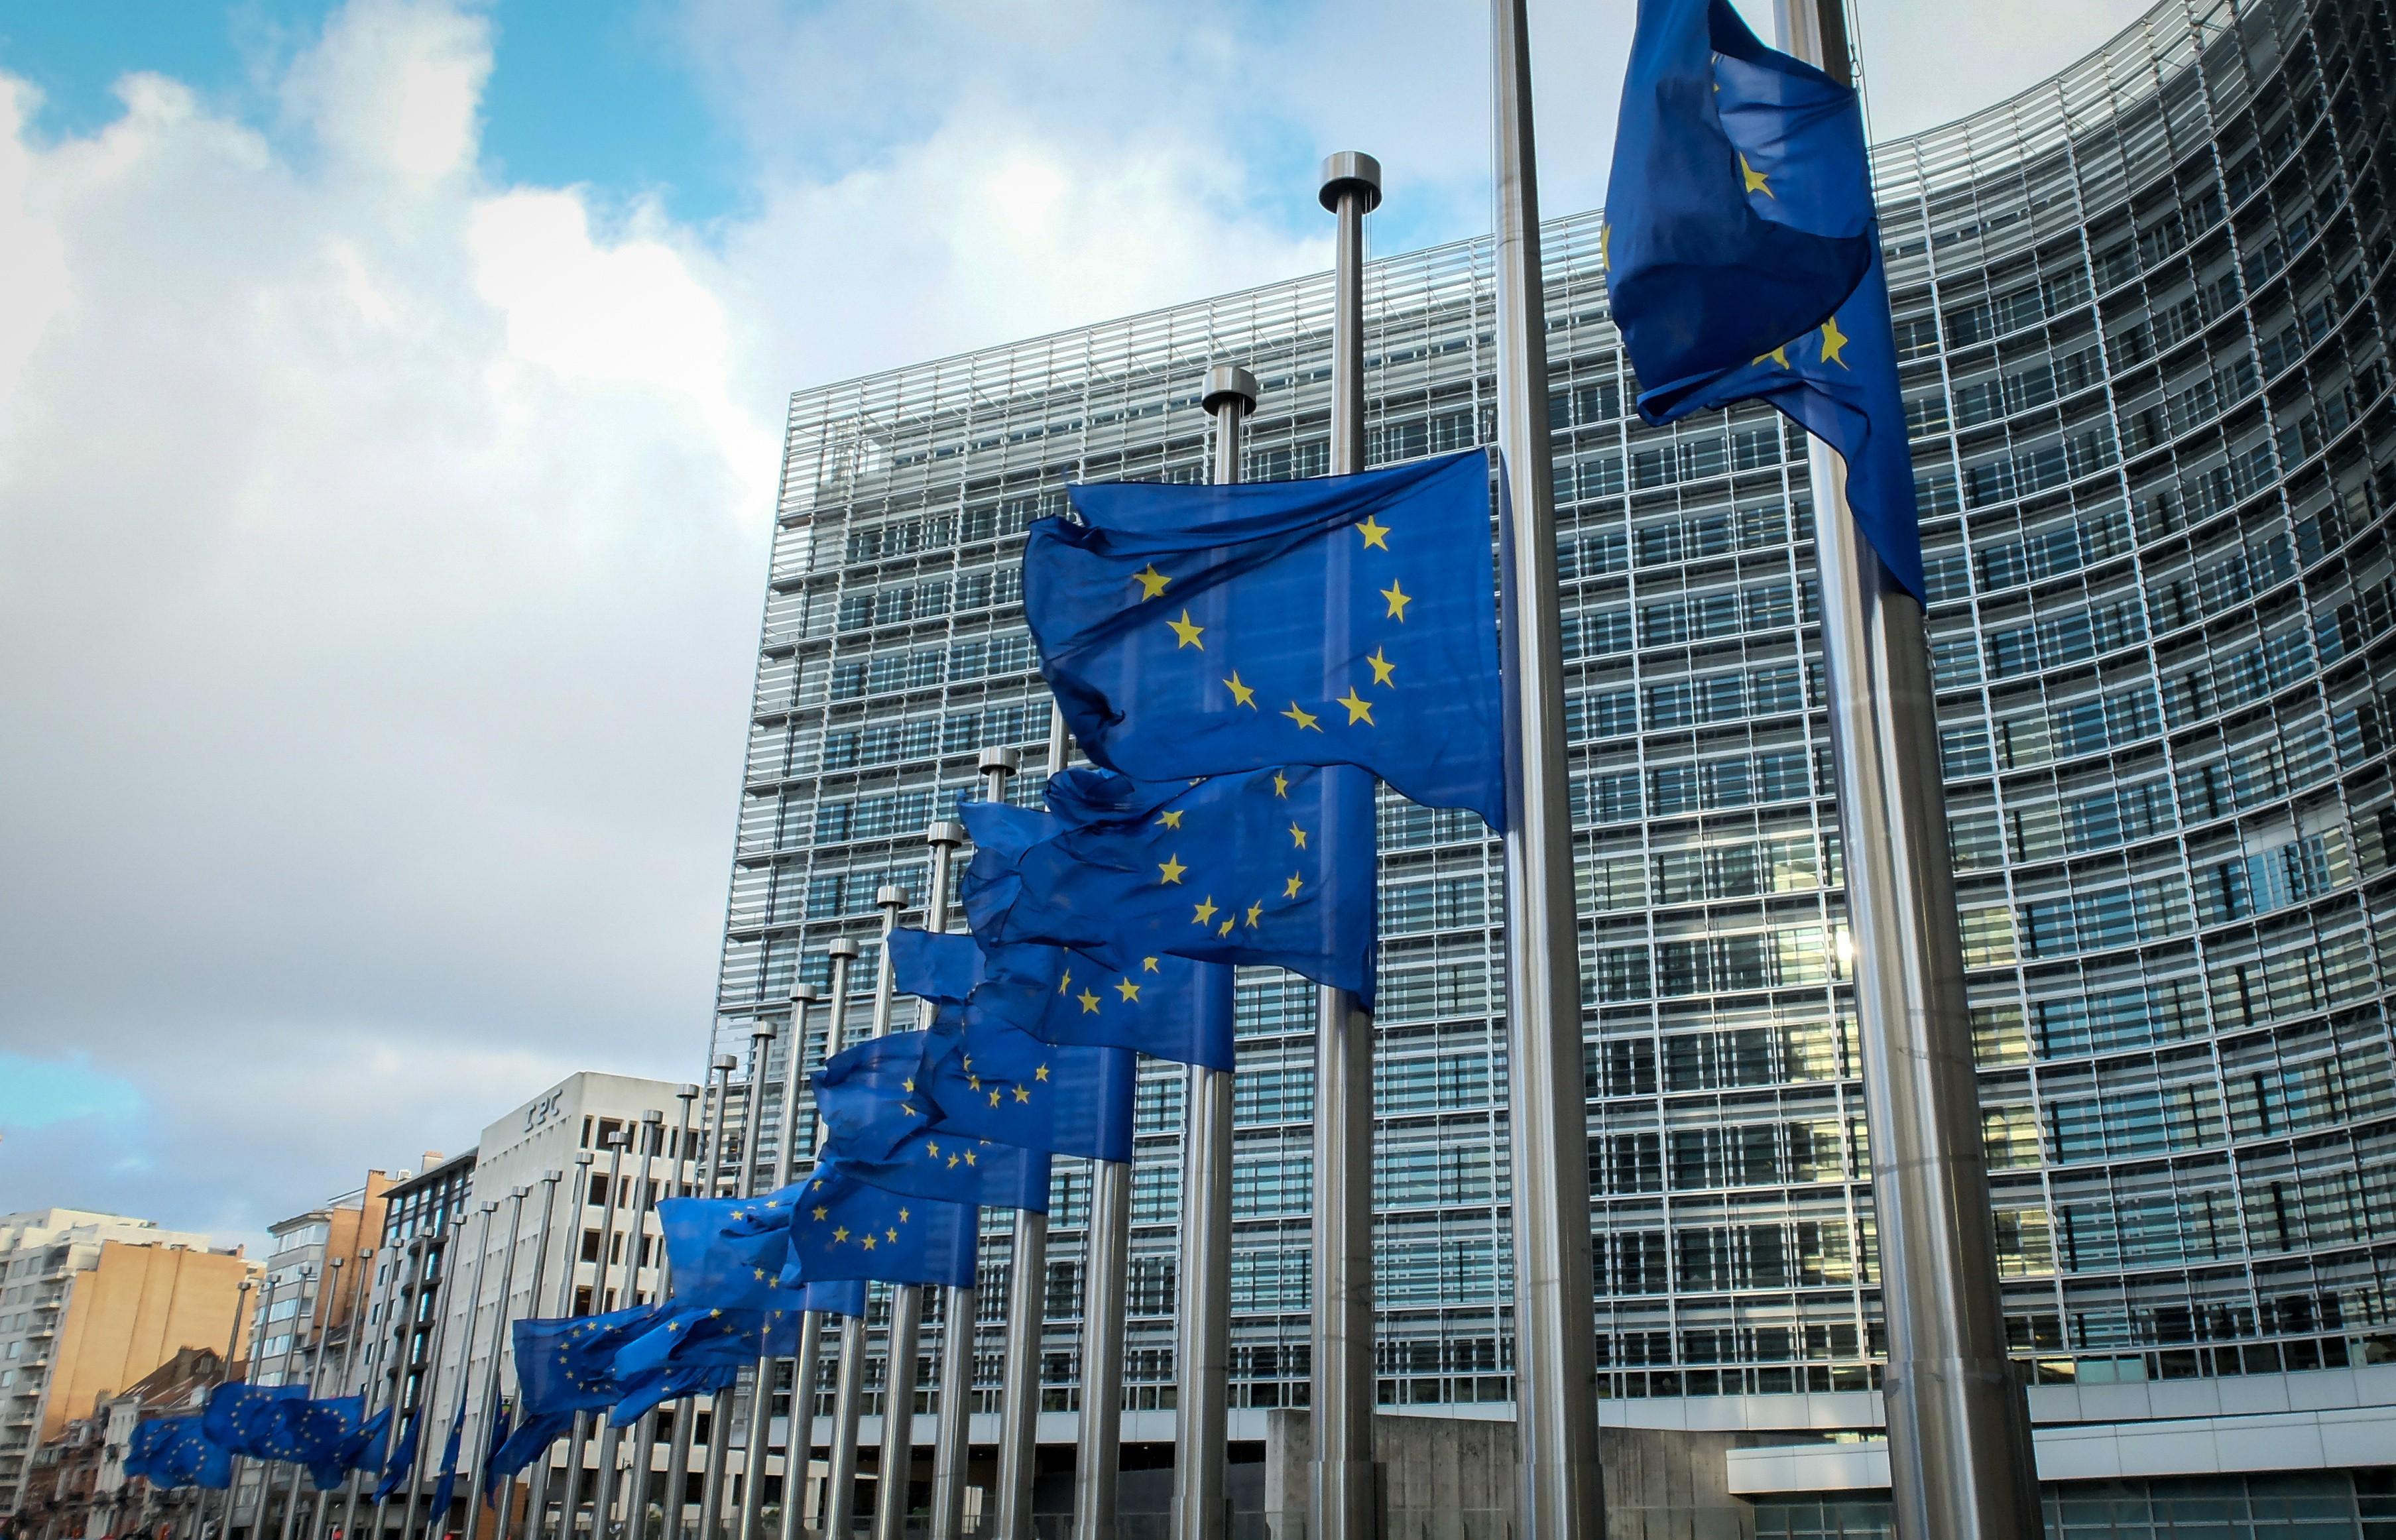 """Результат пошуку зображень за запитом """"ЄС підтримав заяву G7 про необхідність повернути кару за незаконне збагачення"""""""